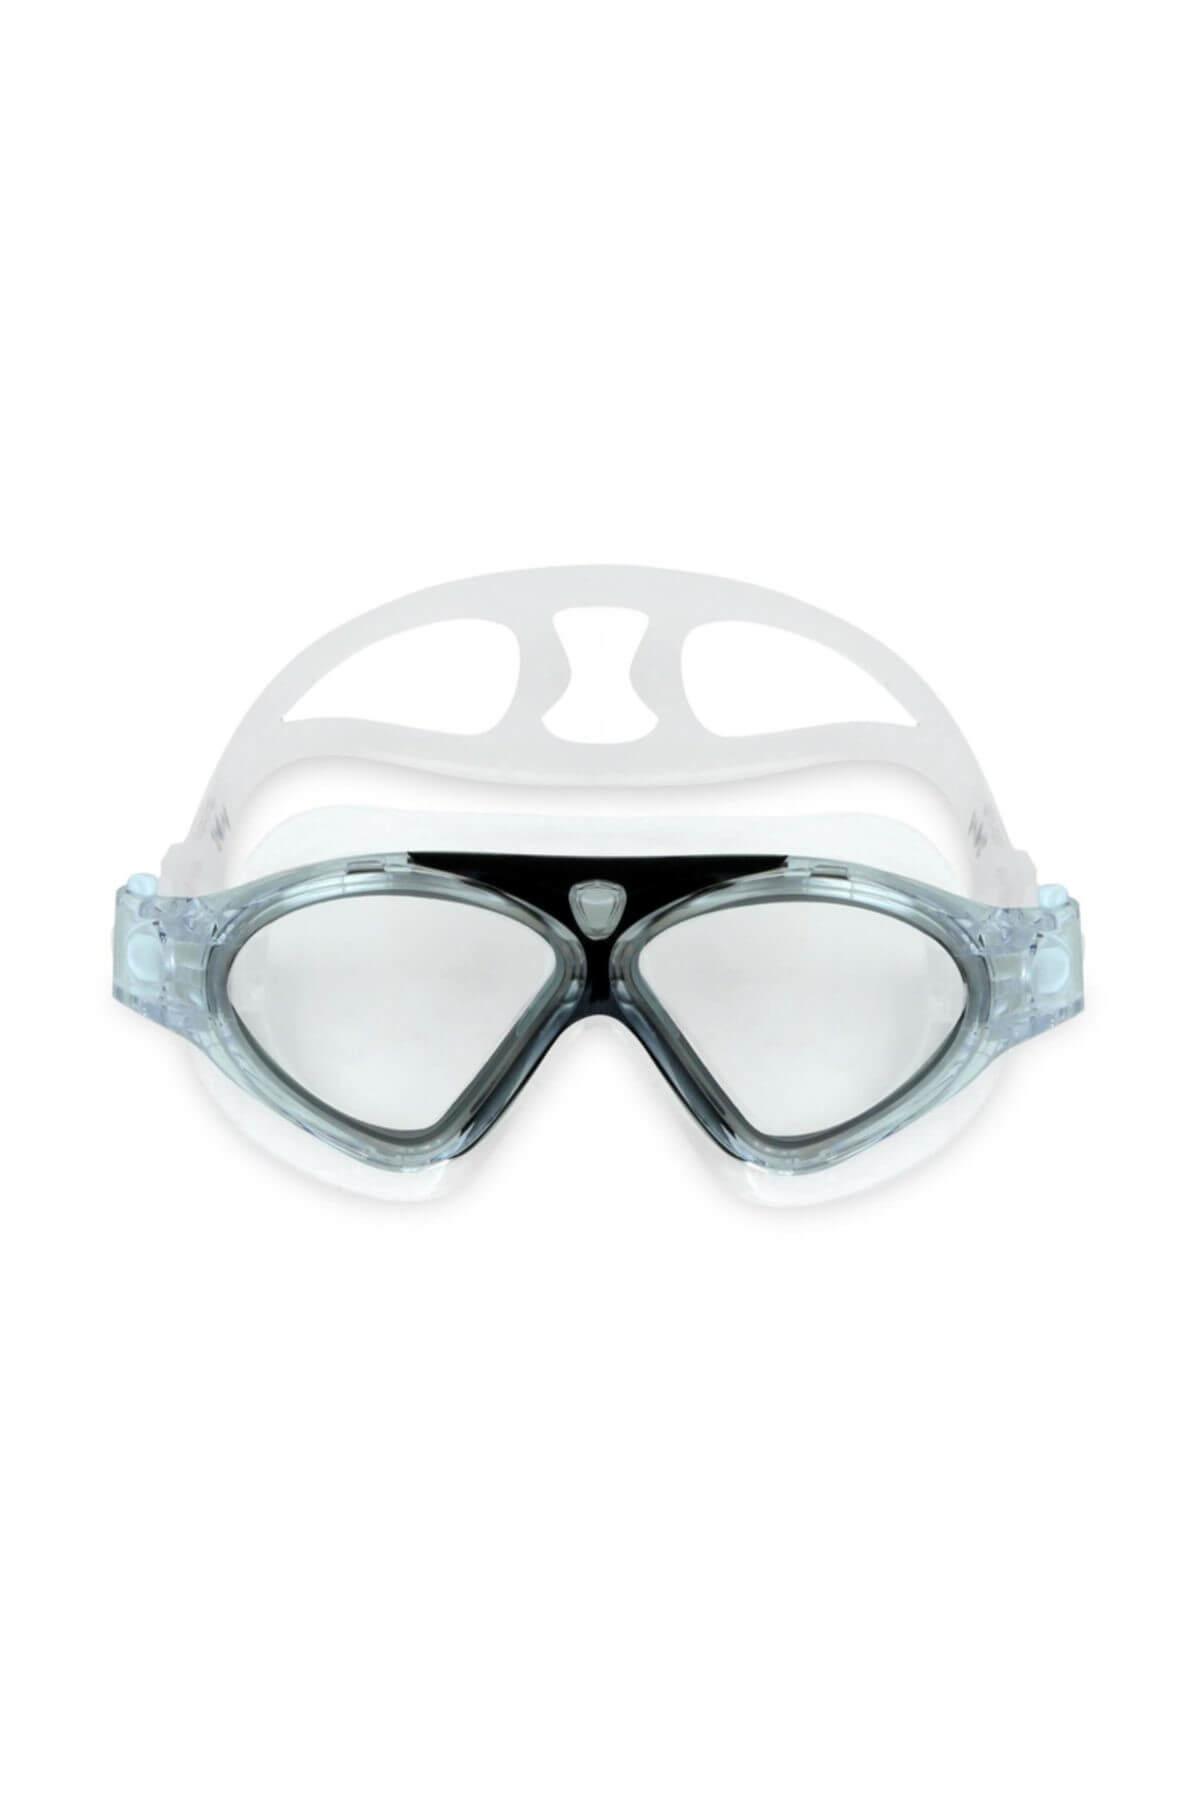 8170 Silikon Havuz Deniz Yüzücü Gözlüğü Lüks Kutu